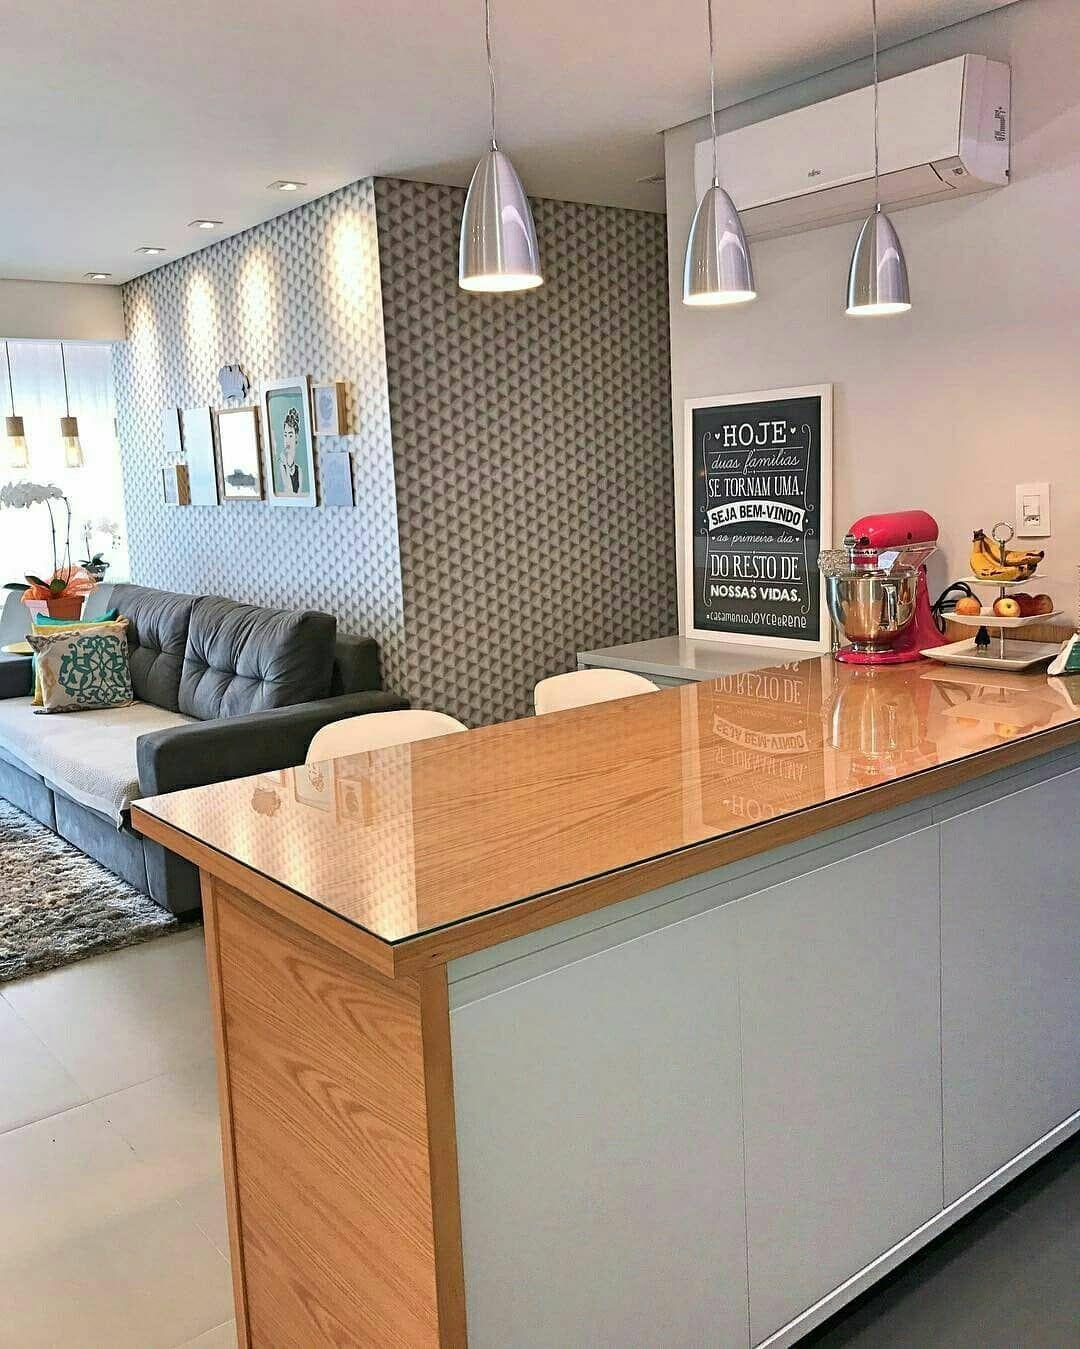 Bom Dia Que Tal Esse Ambiente Lindo O Balc O De Madeira Com  ~ Bancada Divisoria Sala Cozinha